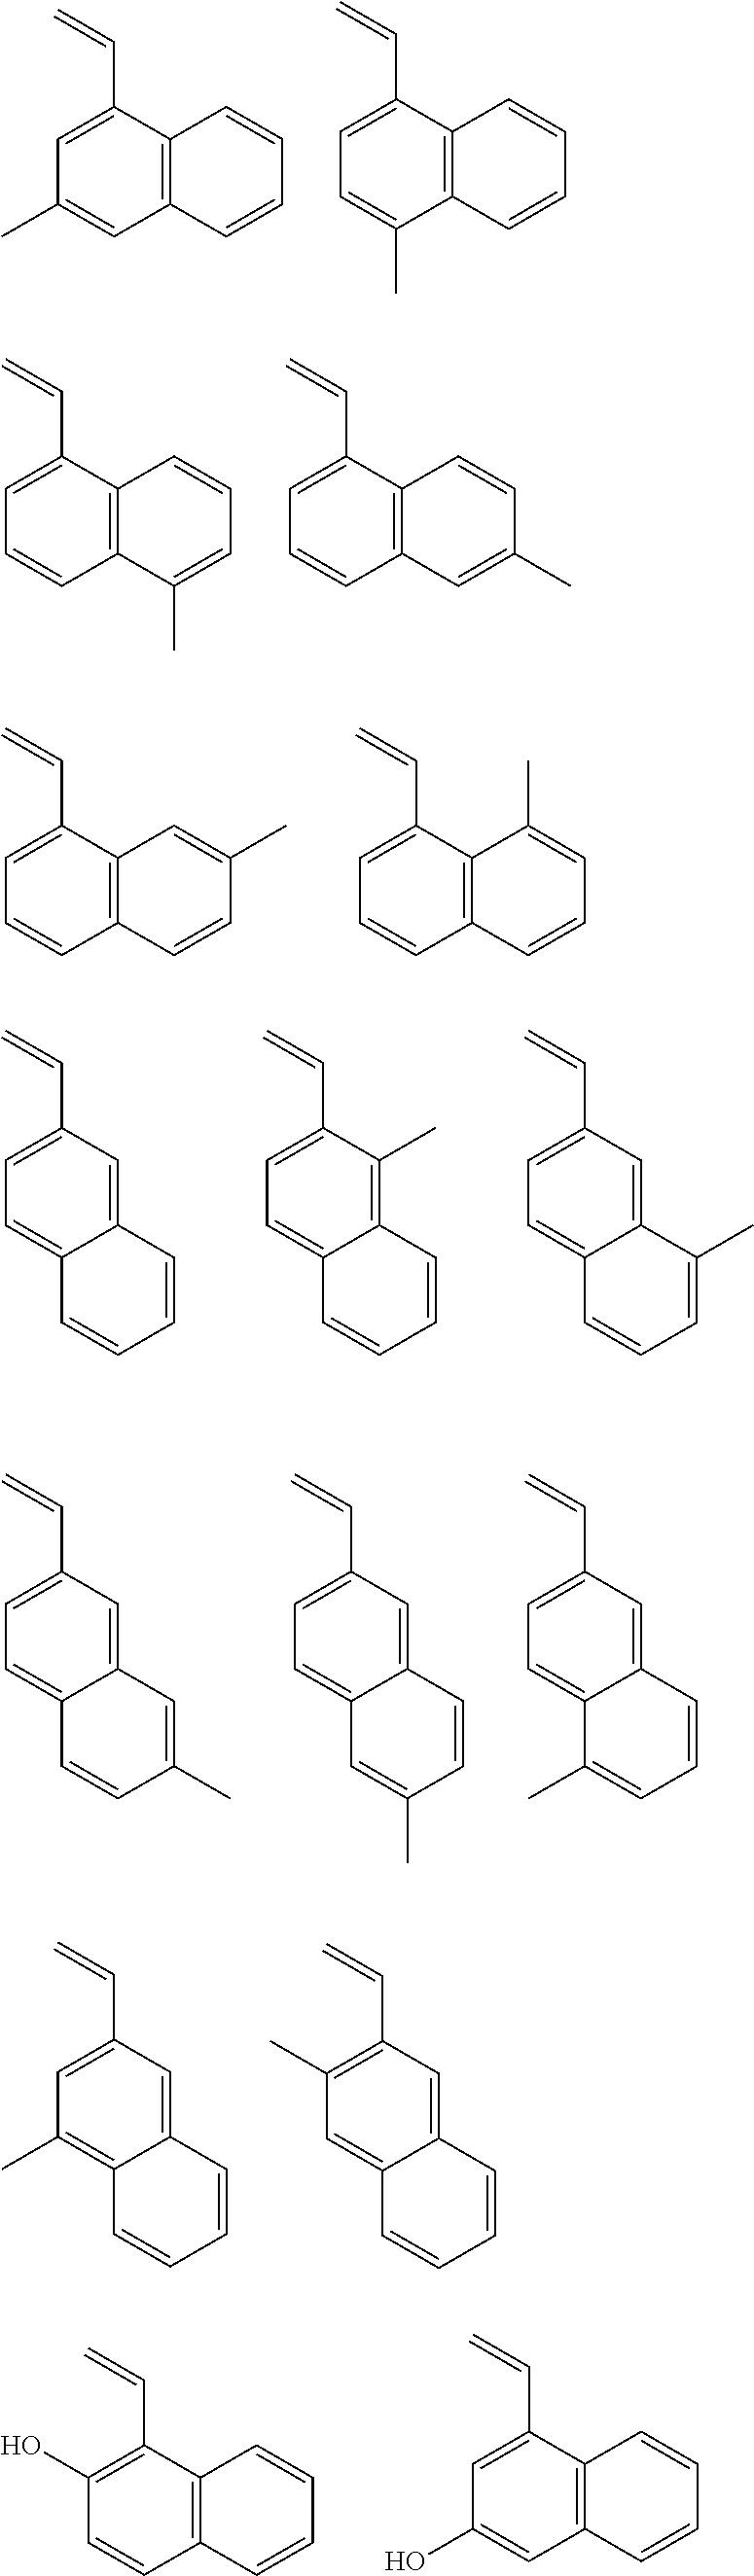 Figure US09040223-20150526-C00017